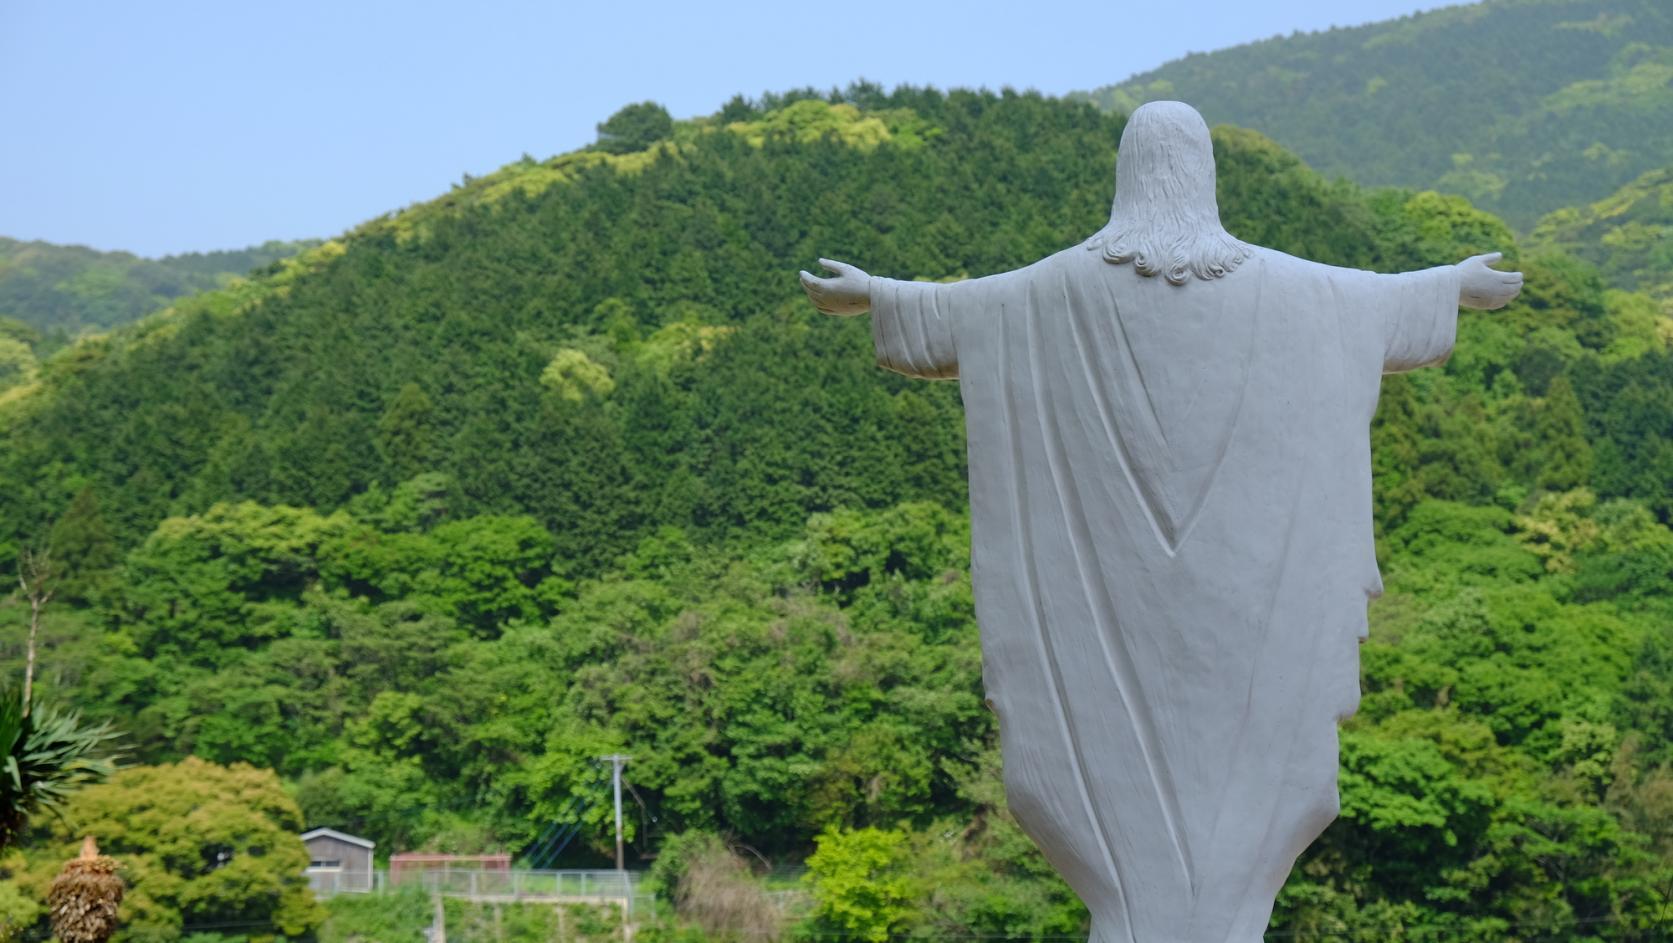 【上五島】歴史ある教会と碧い海、心癒される絶景をチャリで満喫-1